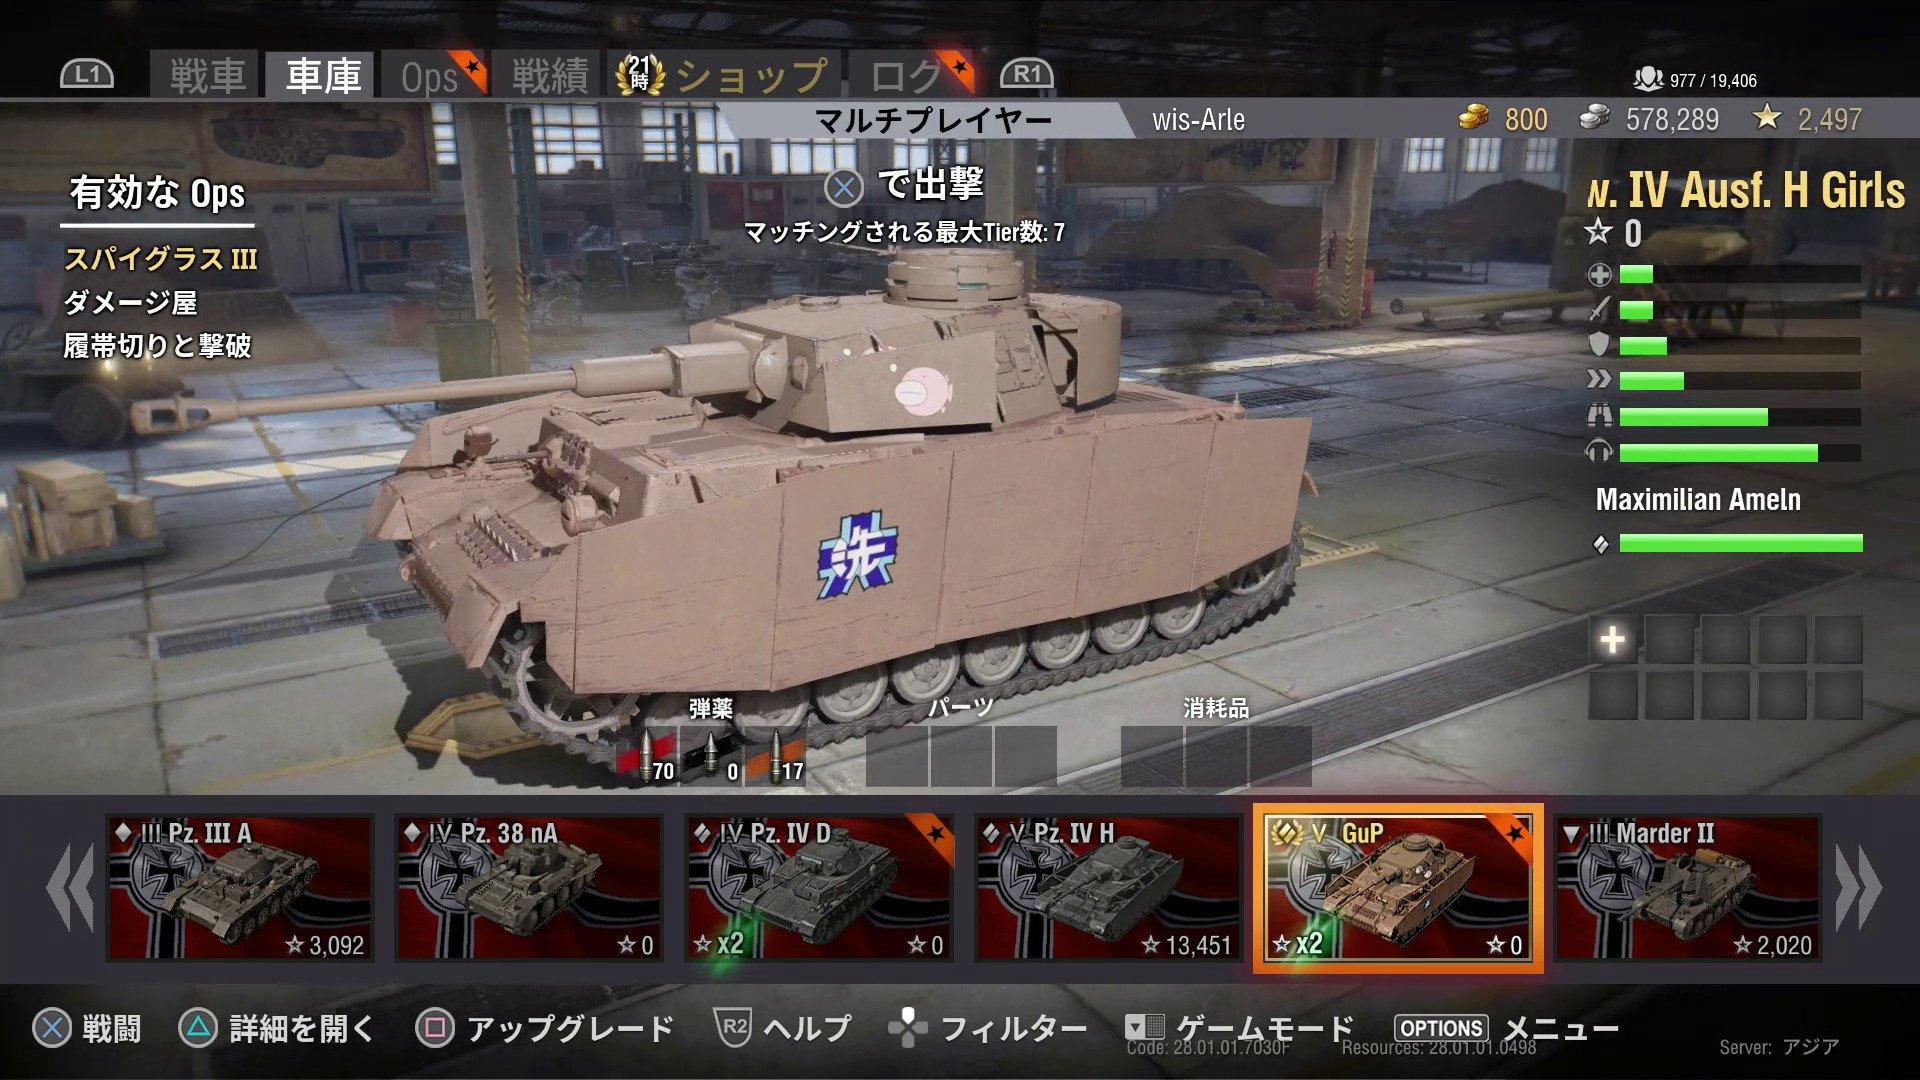 拡大画像 Cs版 World Of Tanks ガルパン 仕様のiv号戦車の再登場が決定 4 8 Game Watch